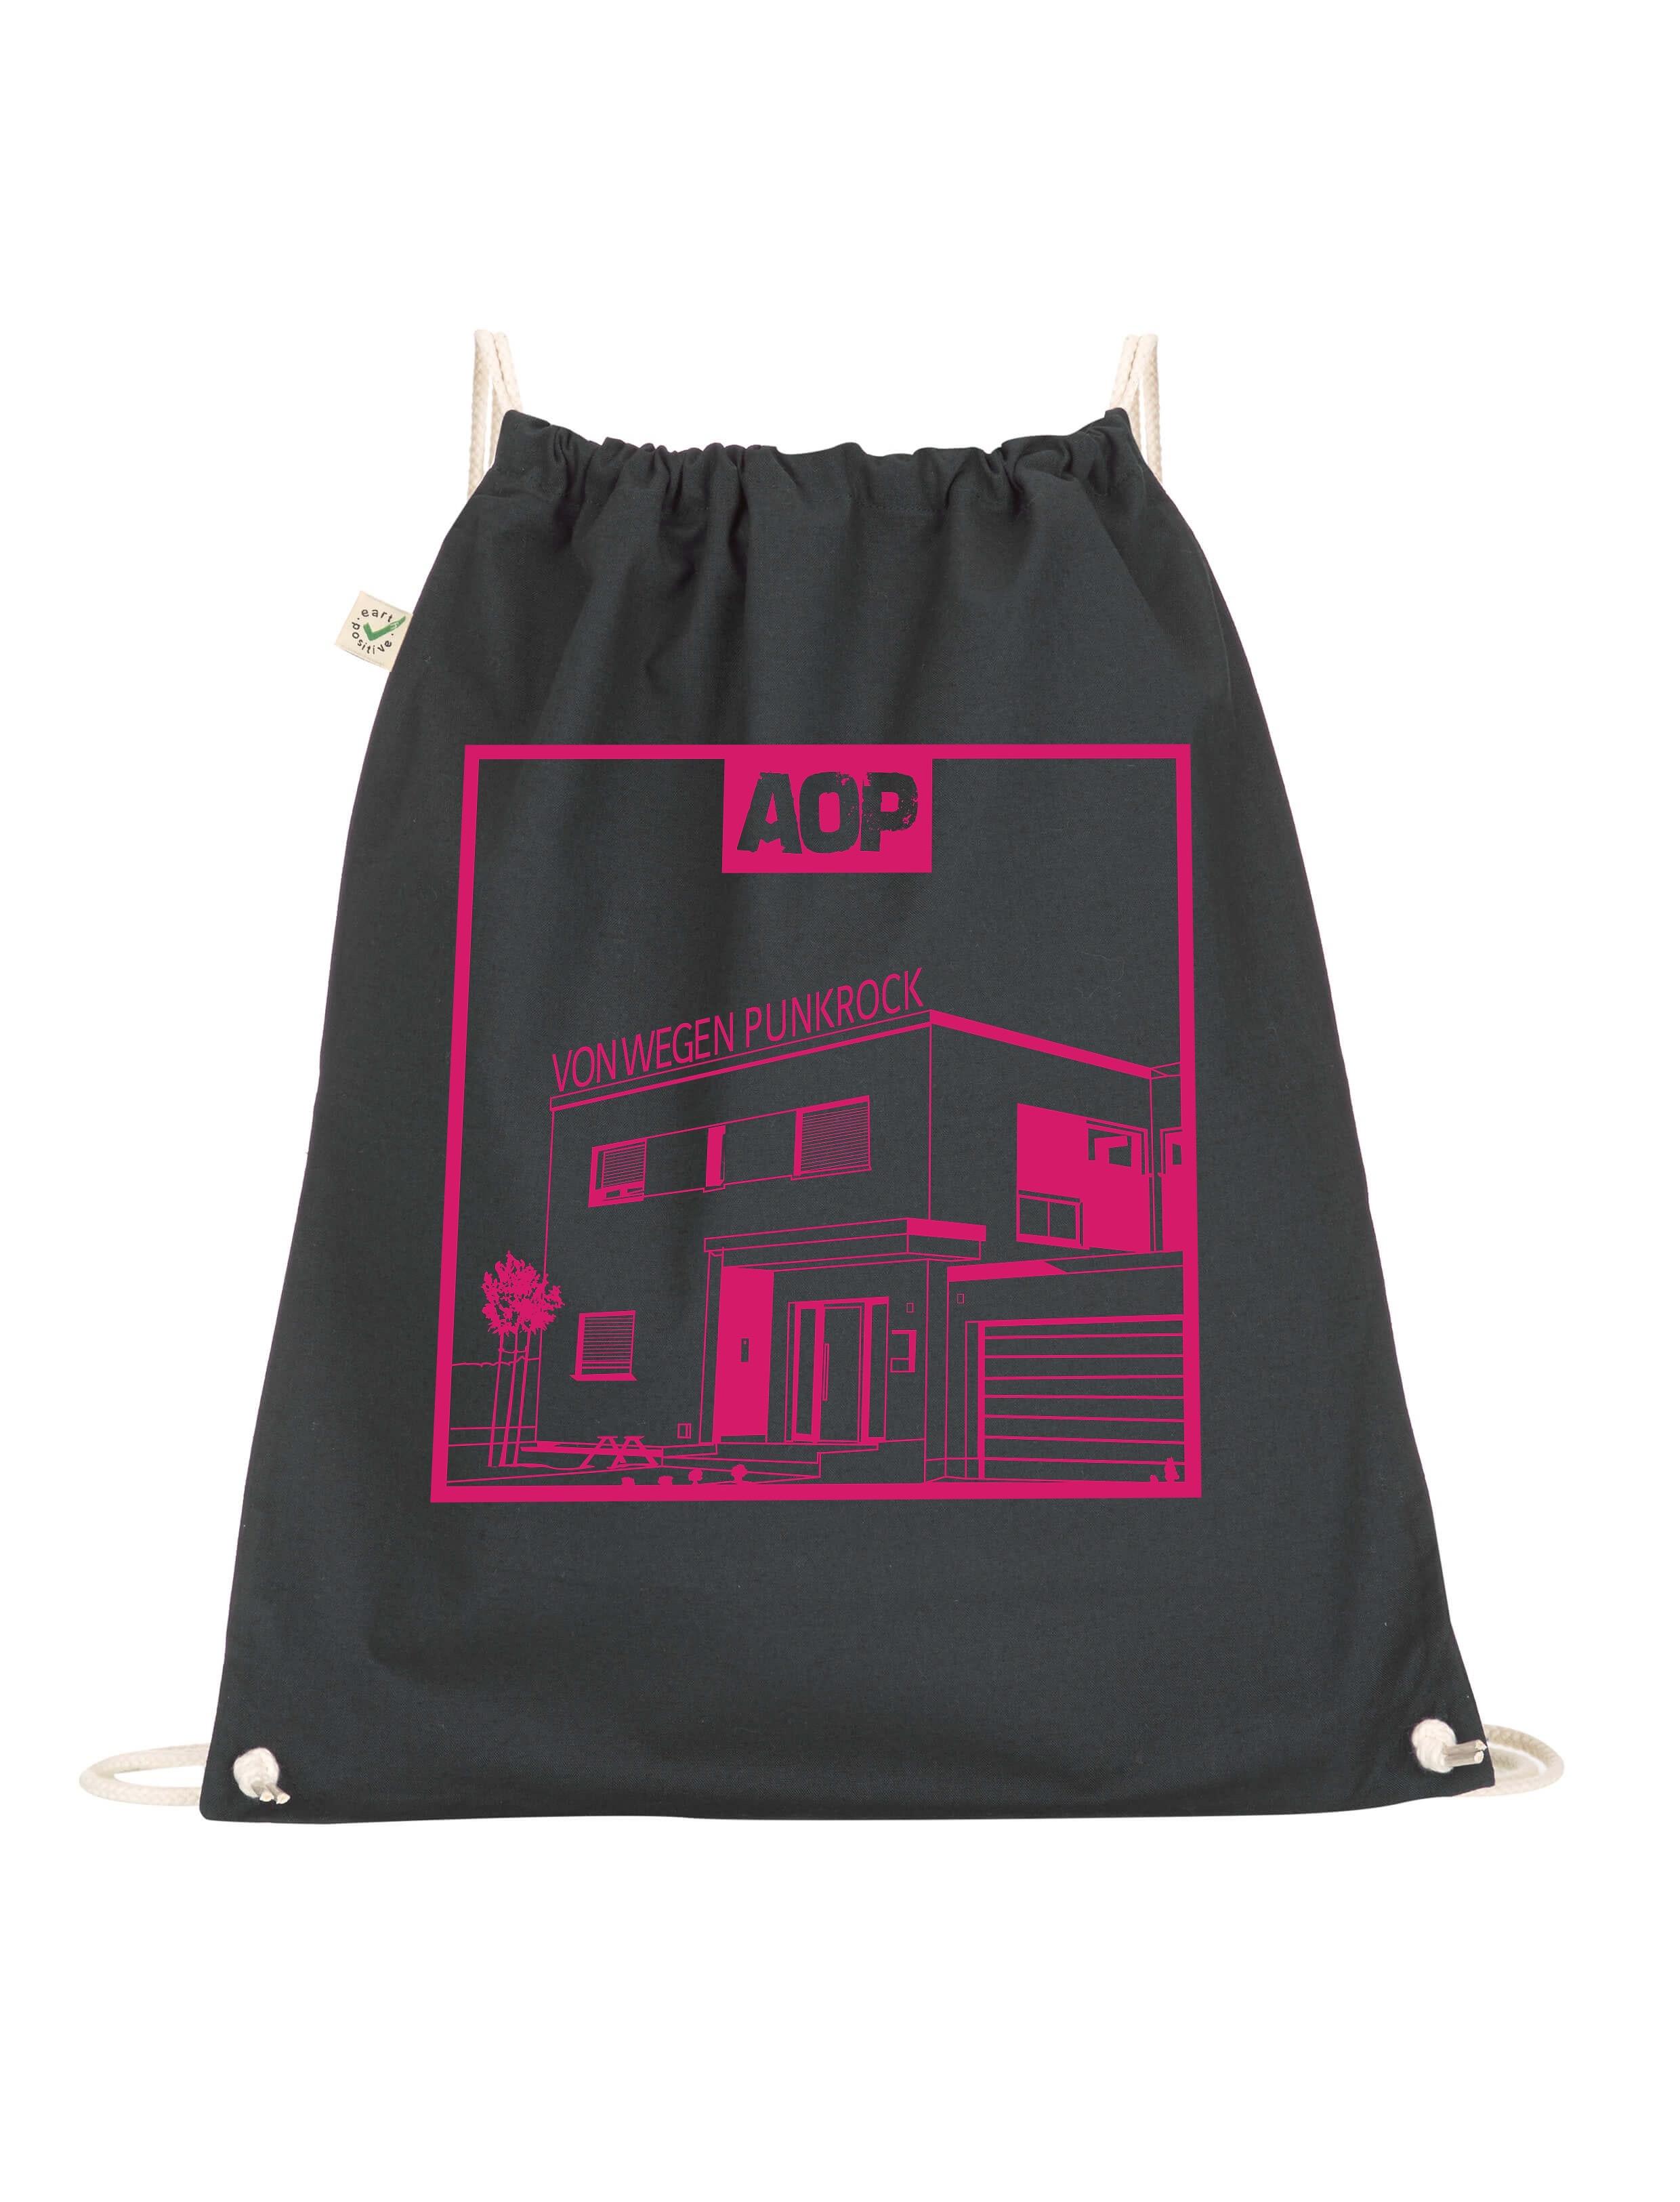 AOP – Von wegen Punkrock – Gym-Bag (schwarz)